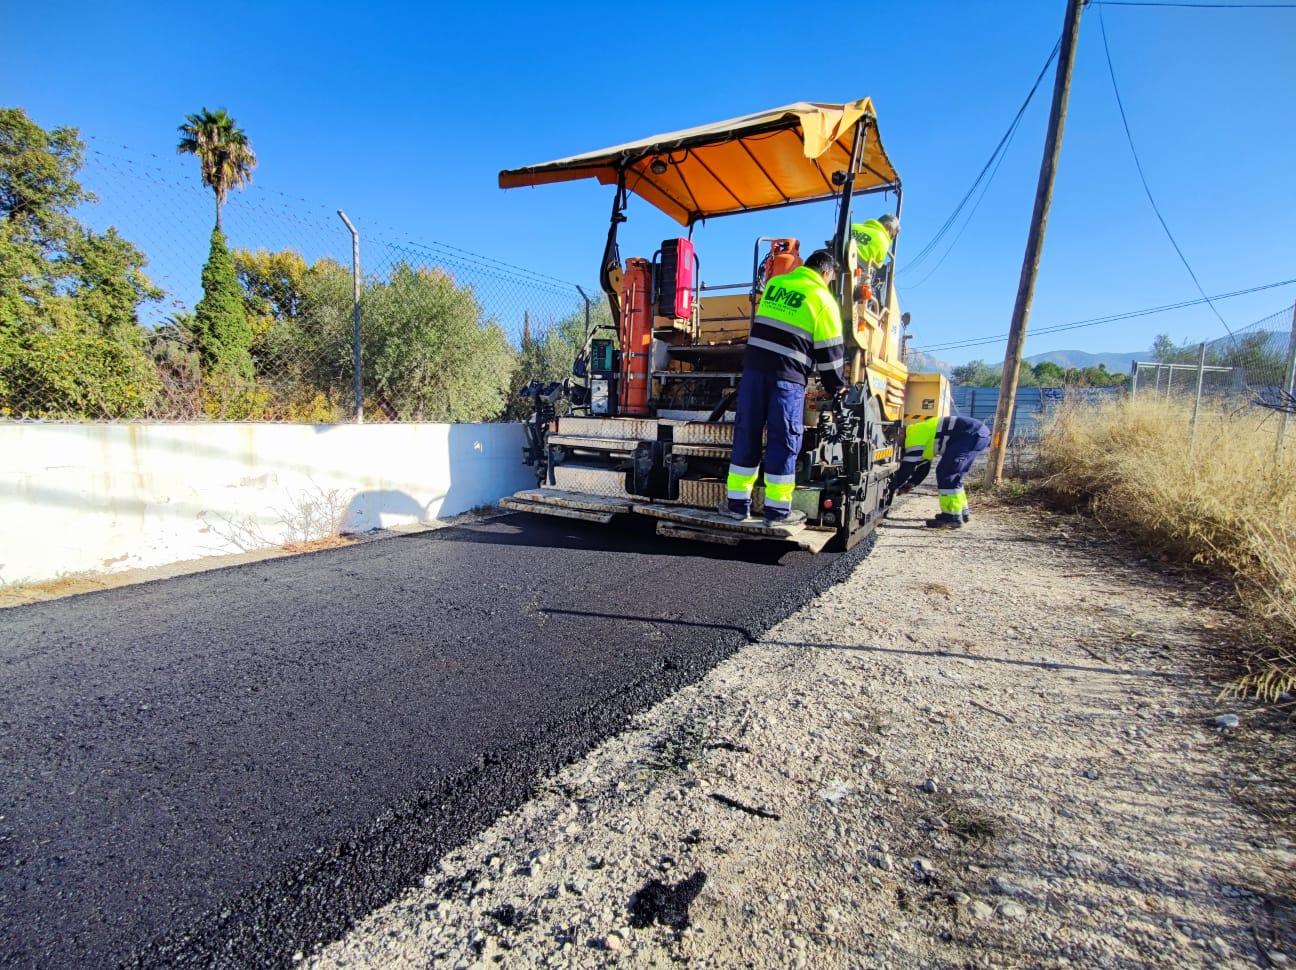 El Ayuntamiento de Elda repara y repavimenta el asfalto de la partida del Melik para mejorar los accesos de más de 30 viviendas